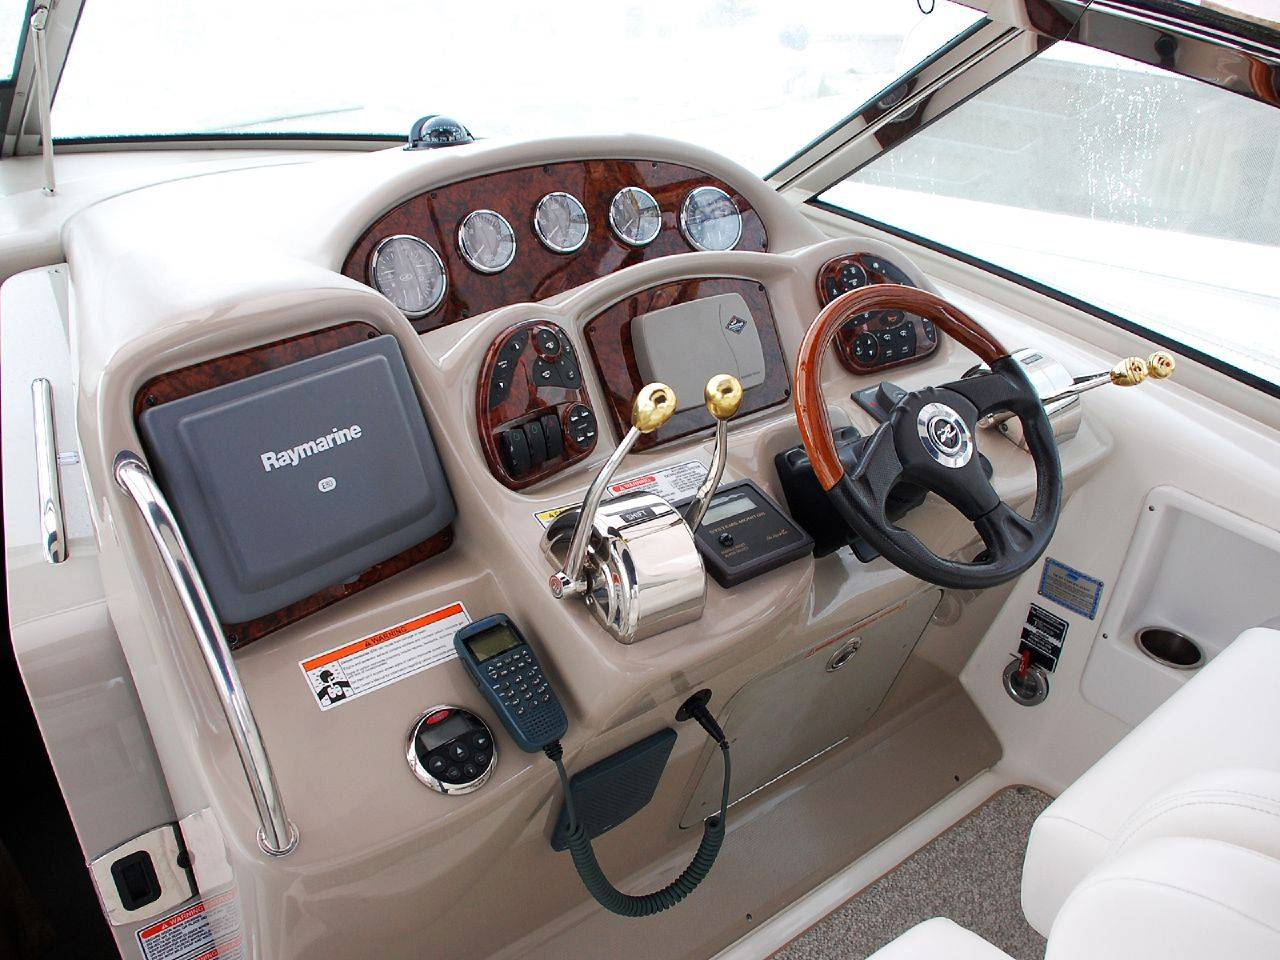 Получить права на управление яхтой